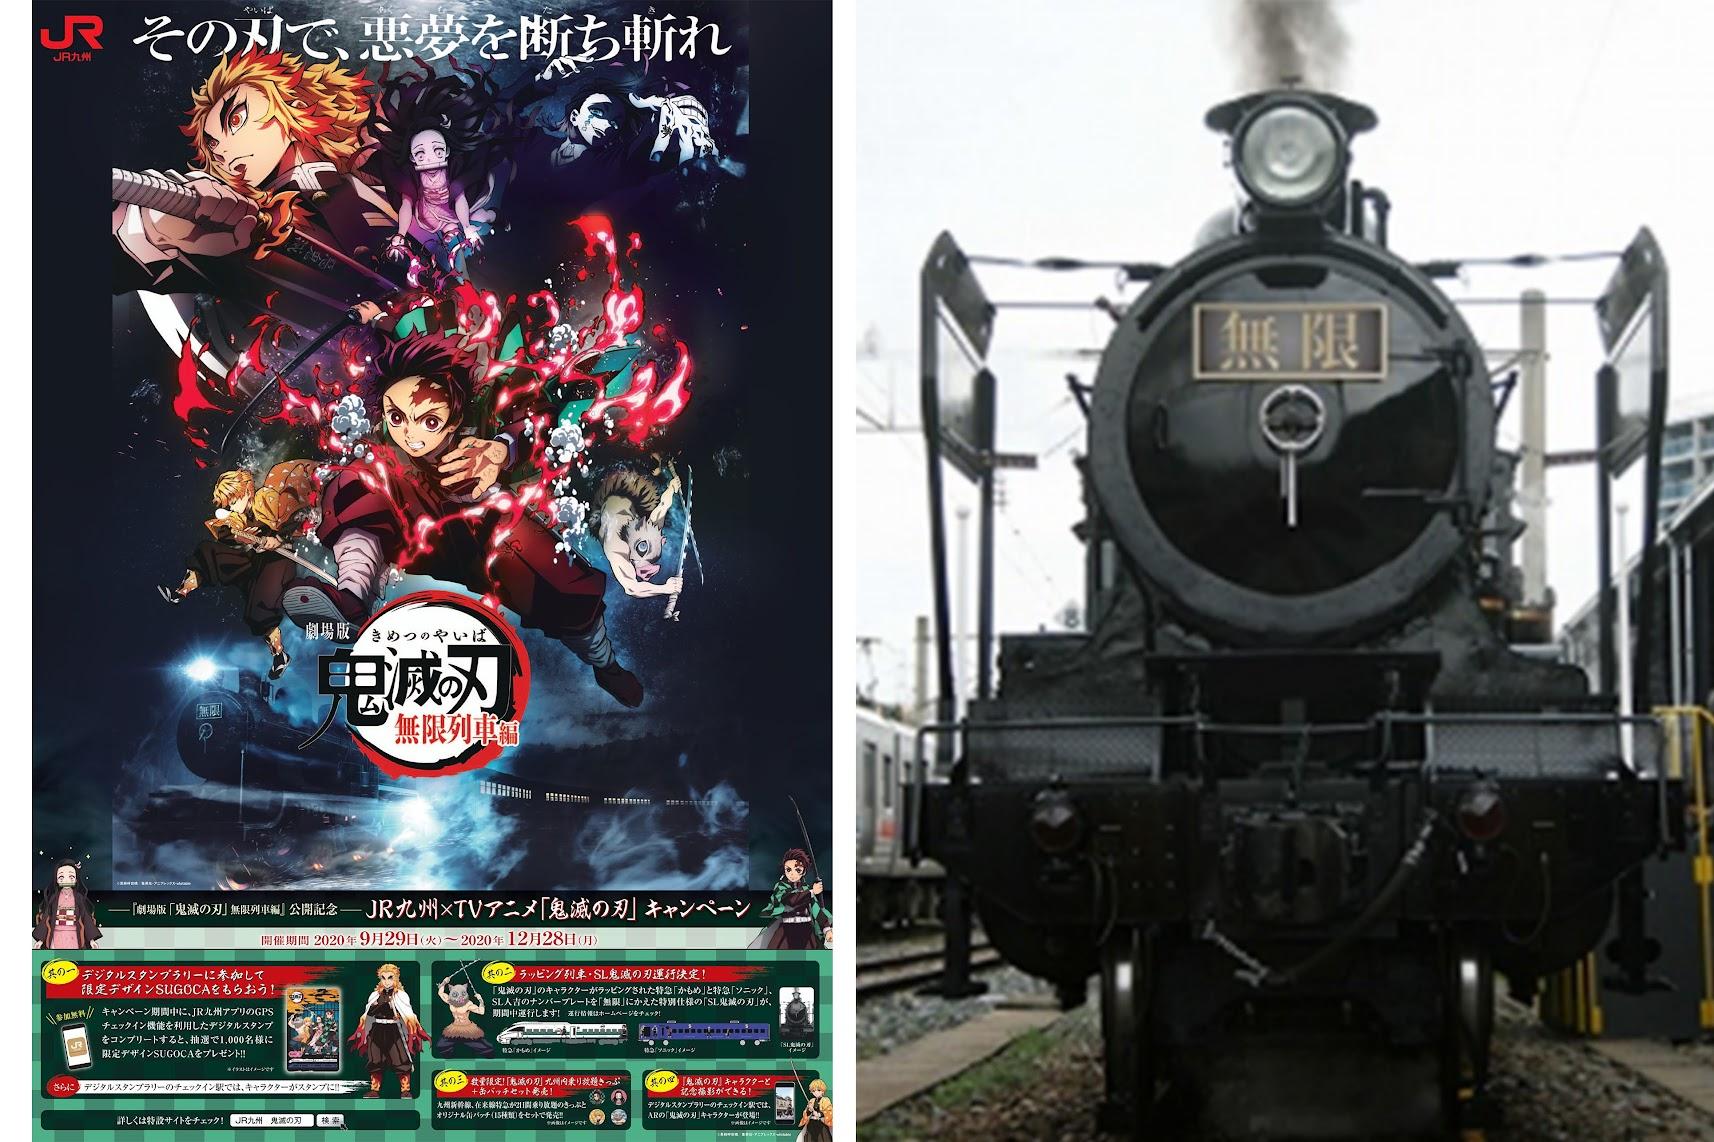 「 鬼滅之刃 」無限列車 實體化! JR九州 彩繪列車登場